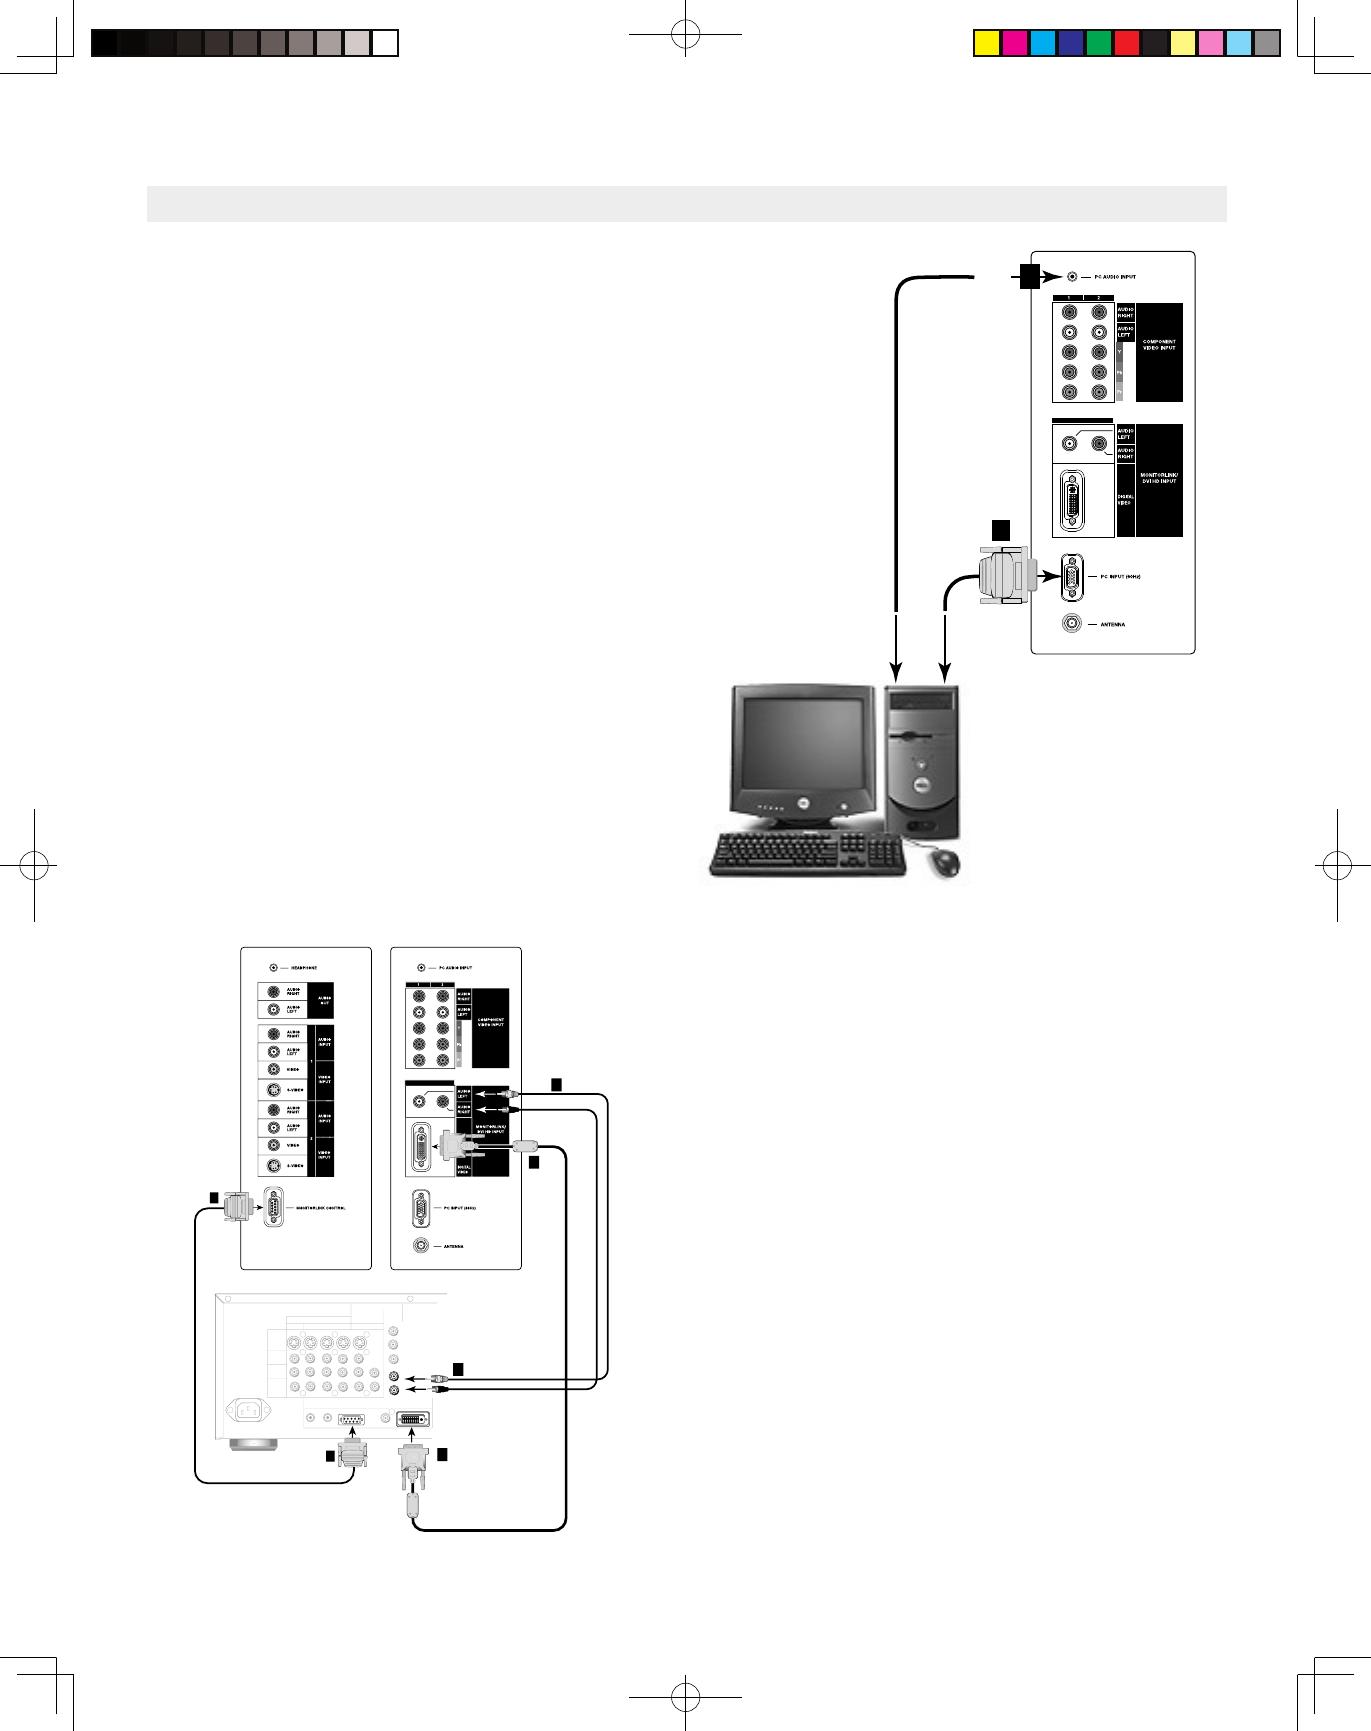 Mitsubishi Electronics Lt 3050 Users Manual LT3050_OG_v5.ind